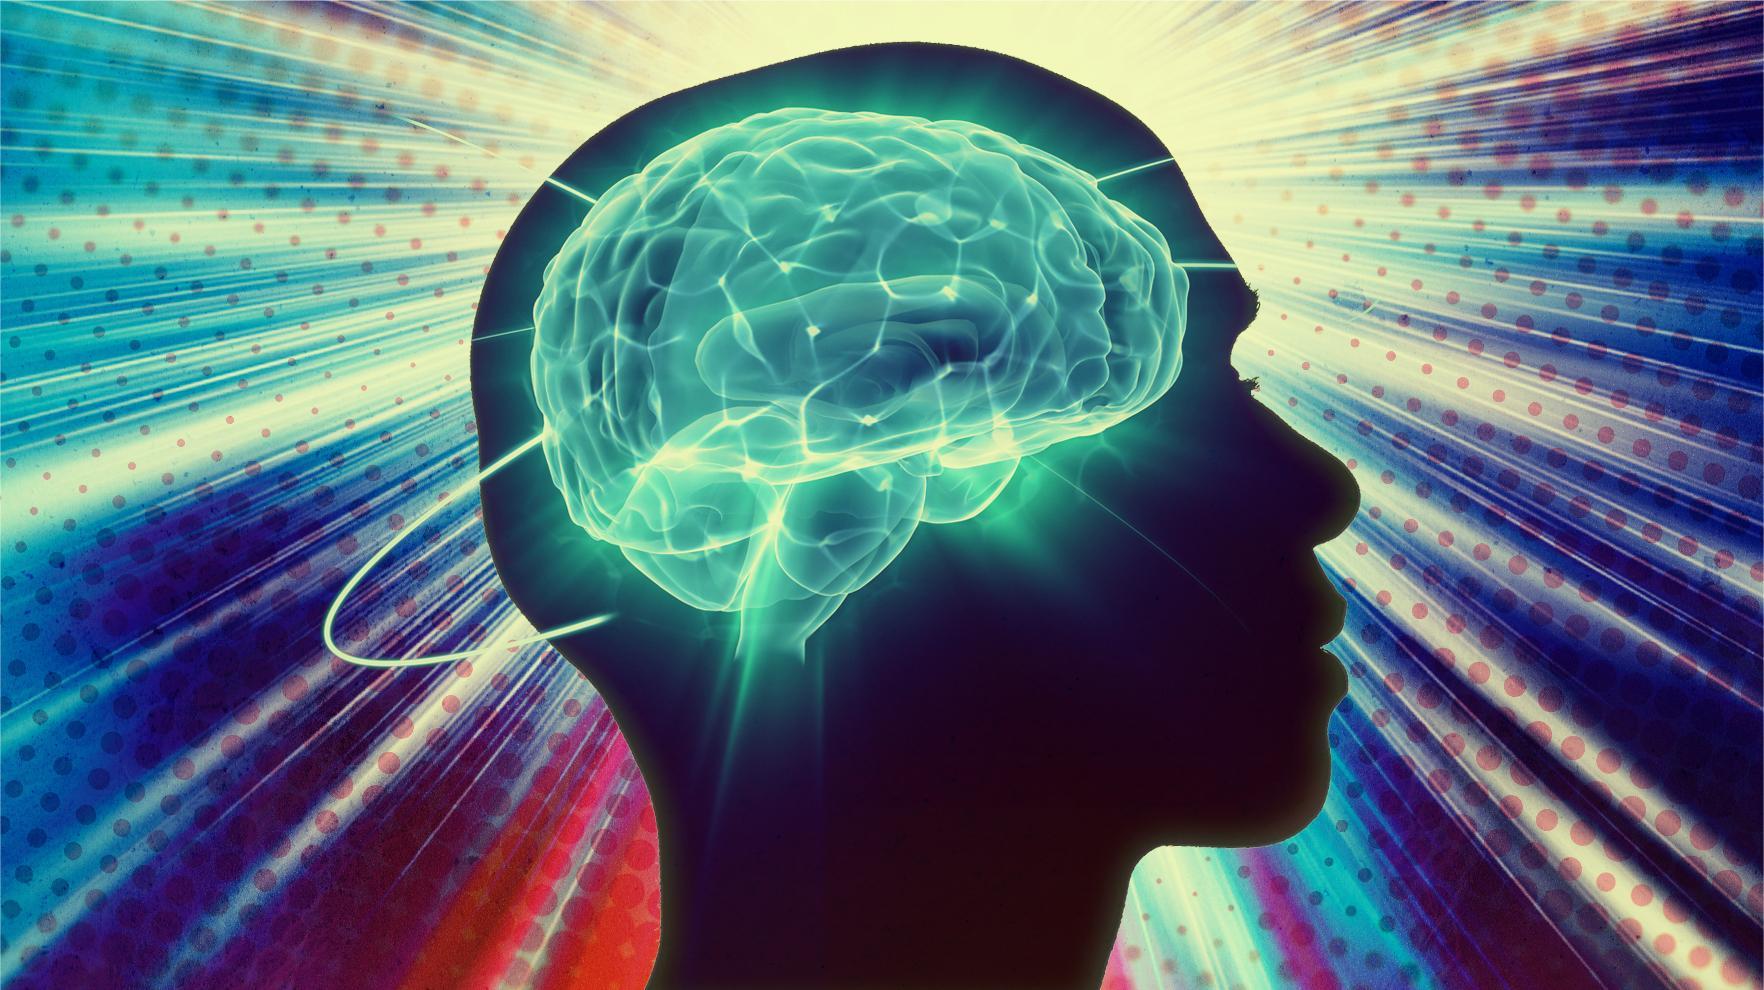 Как улучшить мозг. Выпуск 33. Как улучшить мозг, а точнее – насколько это этично?